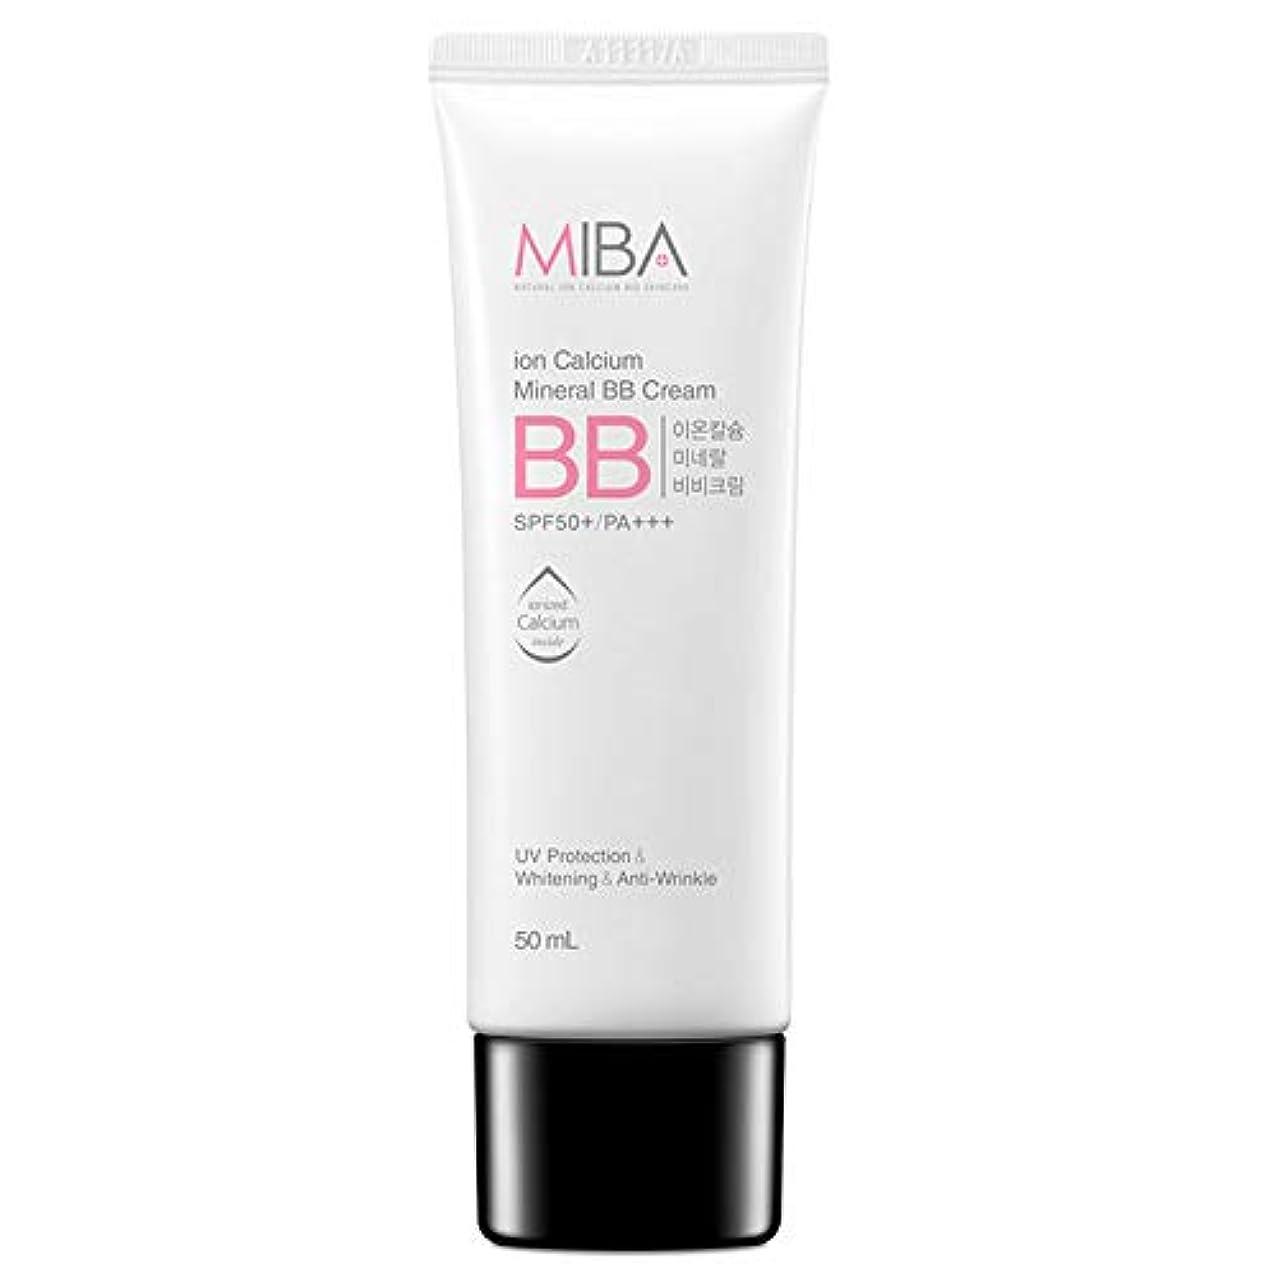 大混乱説教する動物園スキンDr ミバ IC ミネラルBBクリーム SPF50+/ PA+++ / MIBA Ion Calcium Mineral BB Cream [正規品]